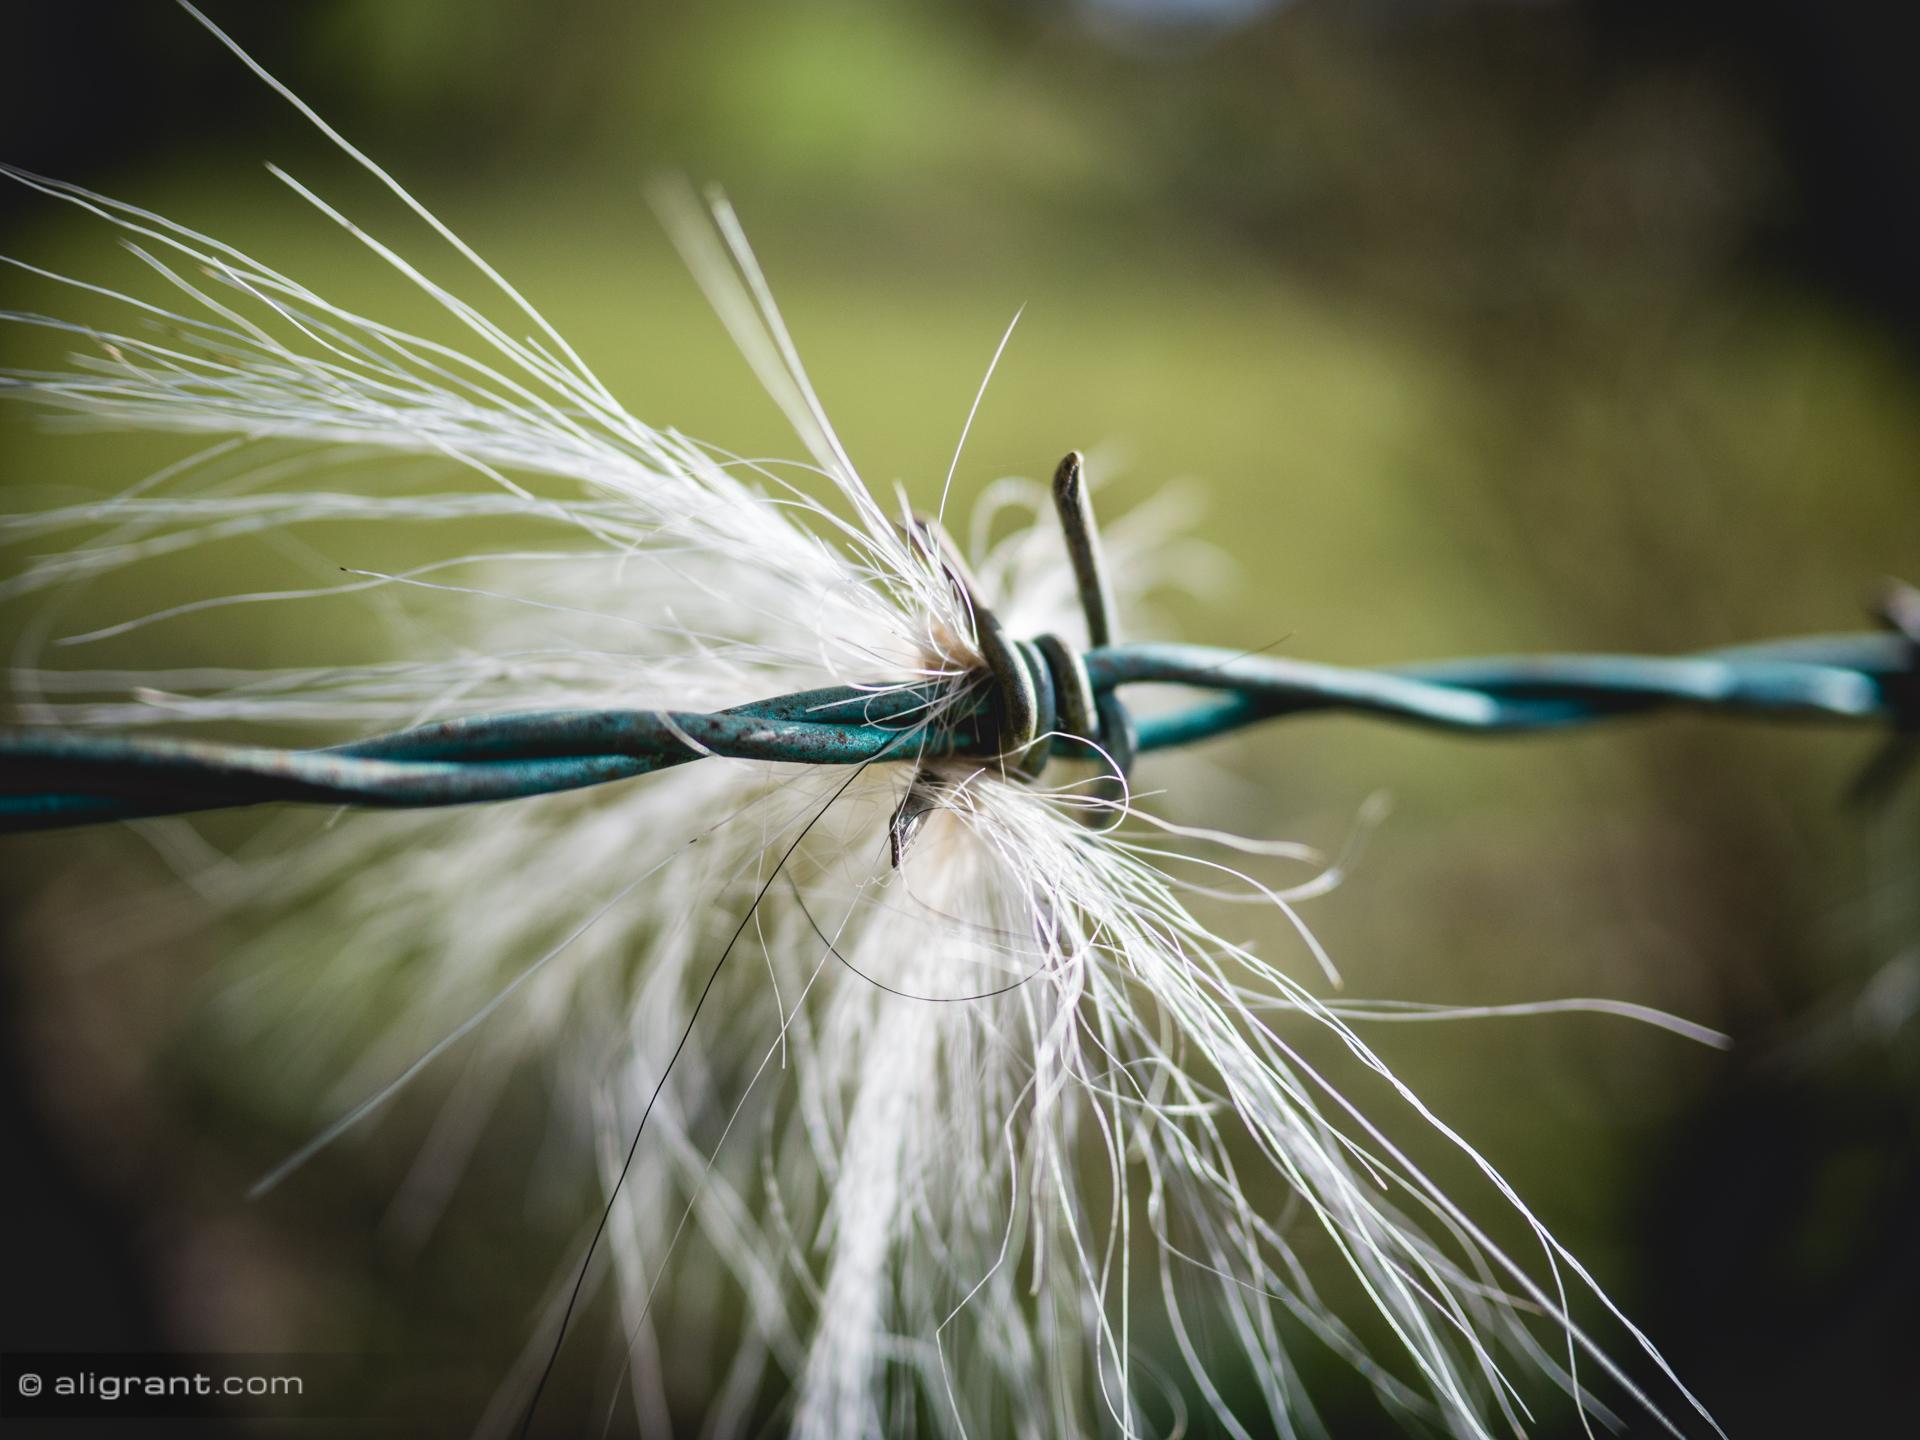 Hintergrundbilder : Weiß, Natur, Pferd, Gras, Nahansicht, Insekt ...